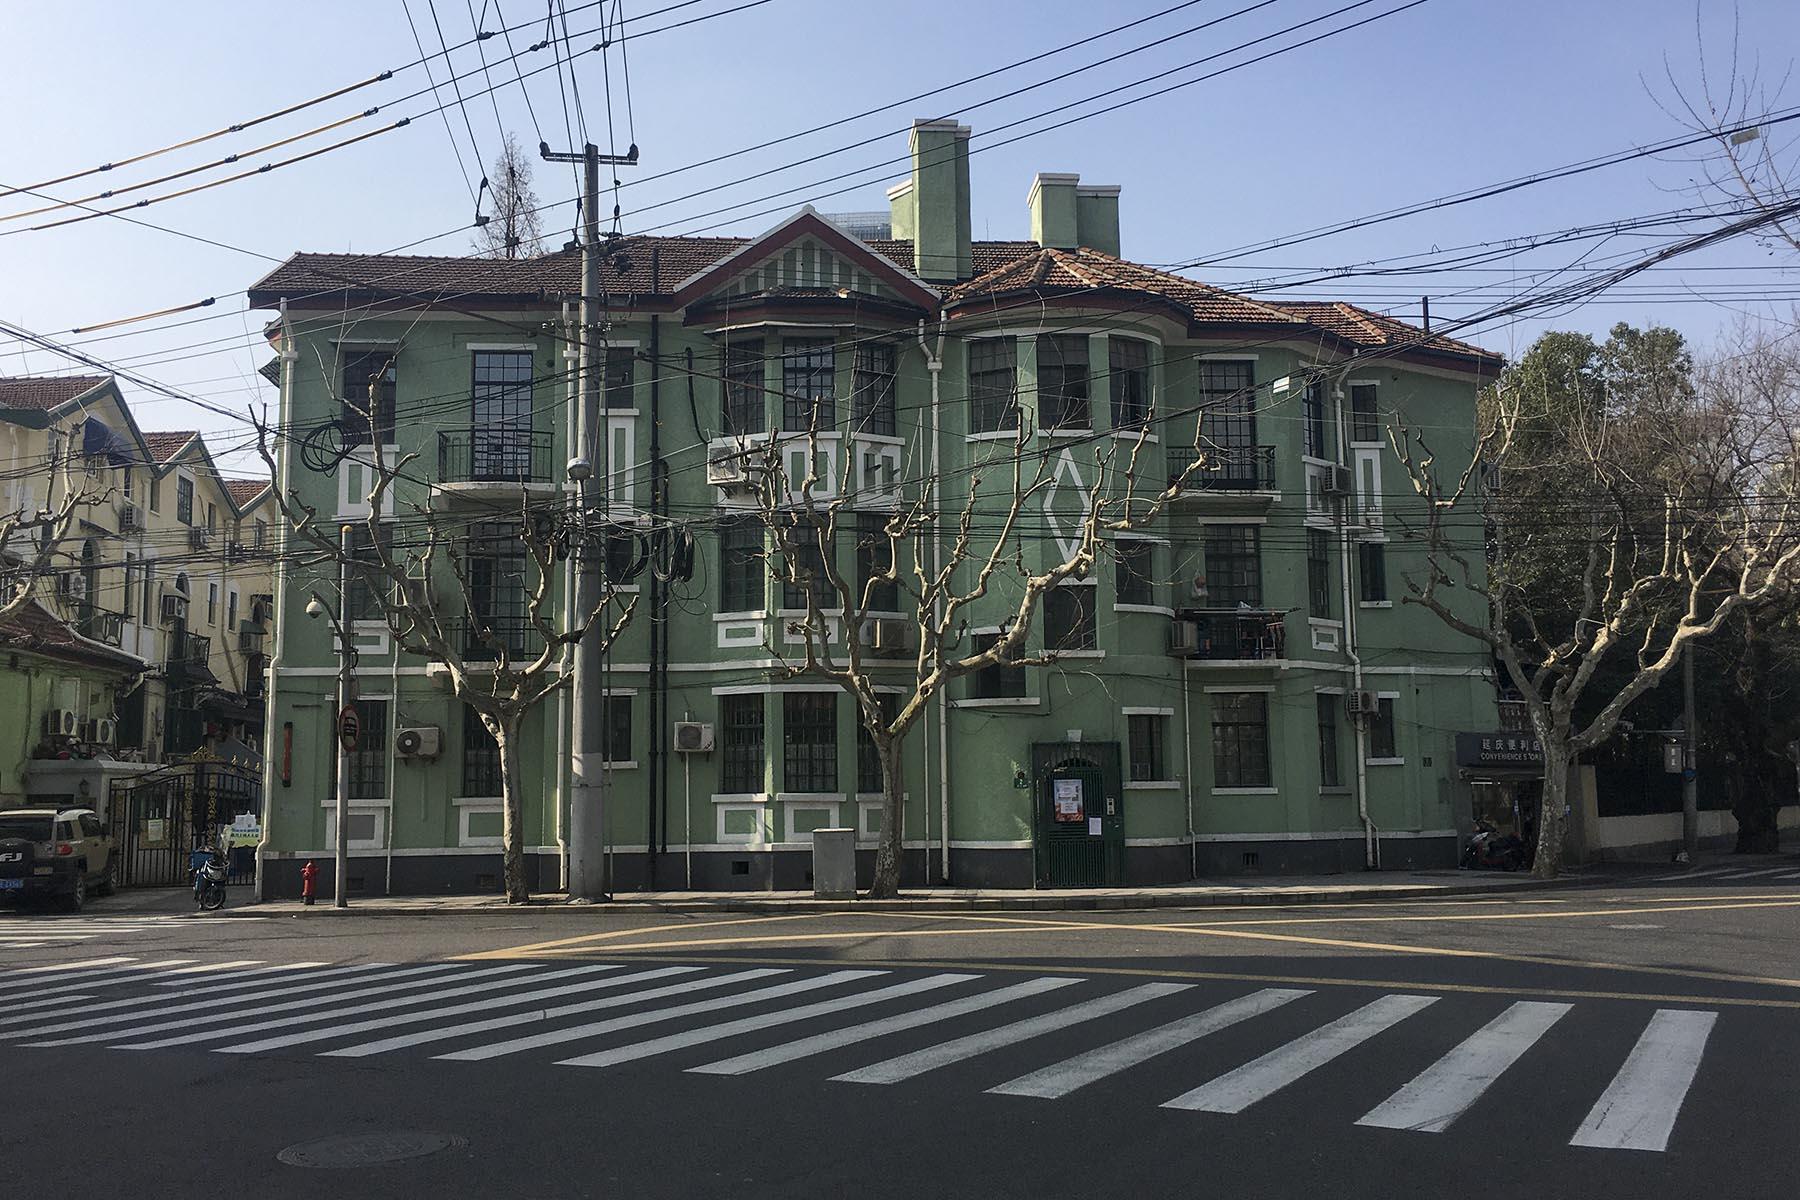 Dachkonstruktion im Nebengebäude von Shuyinlou